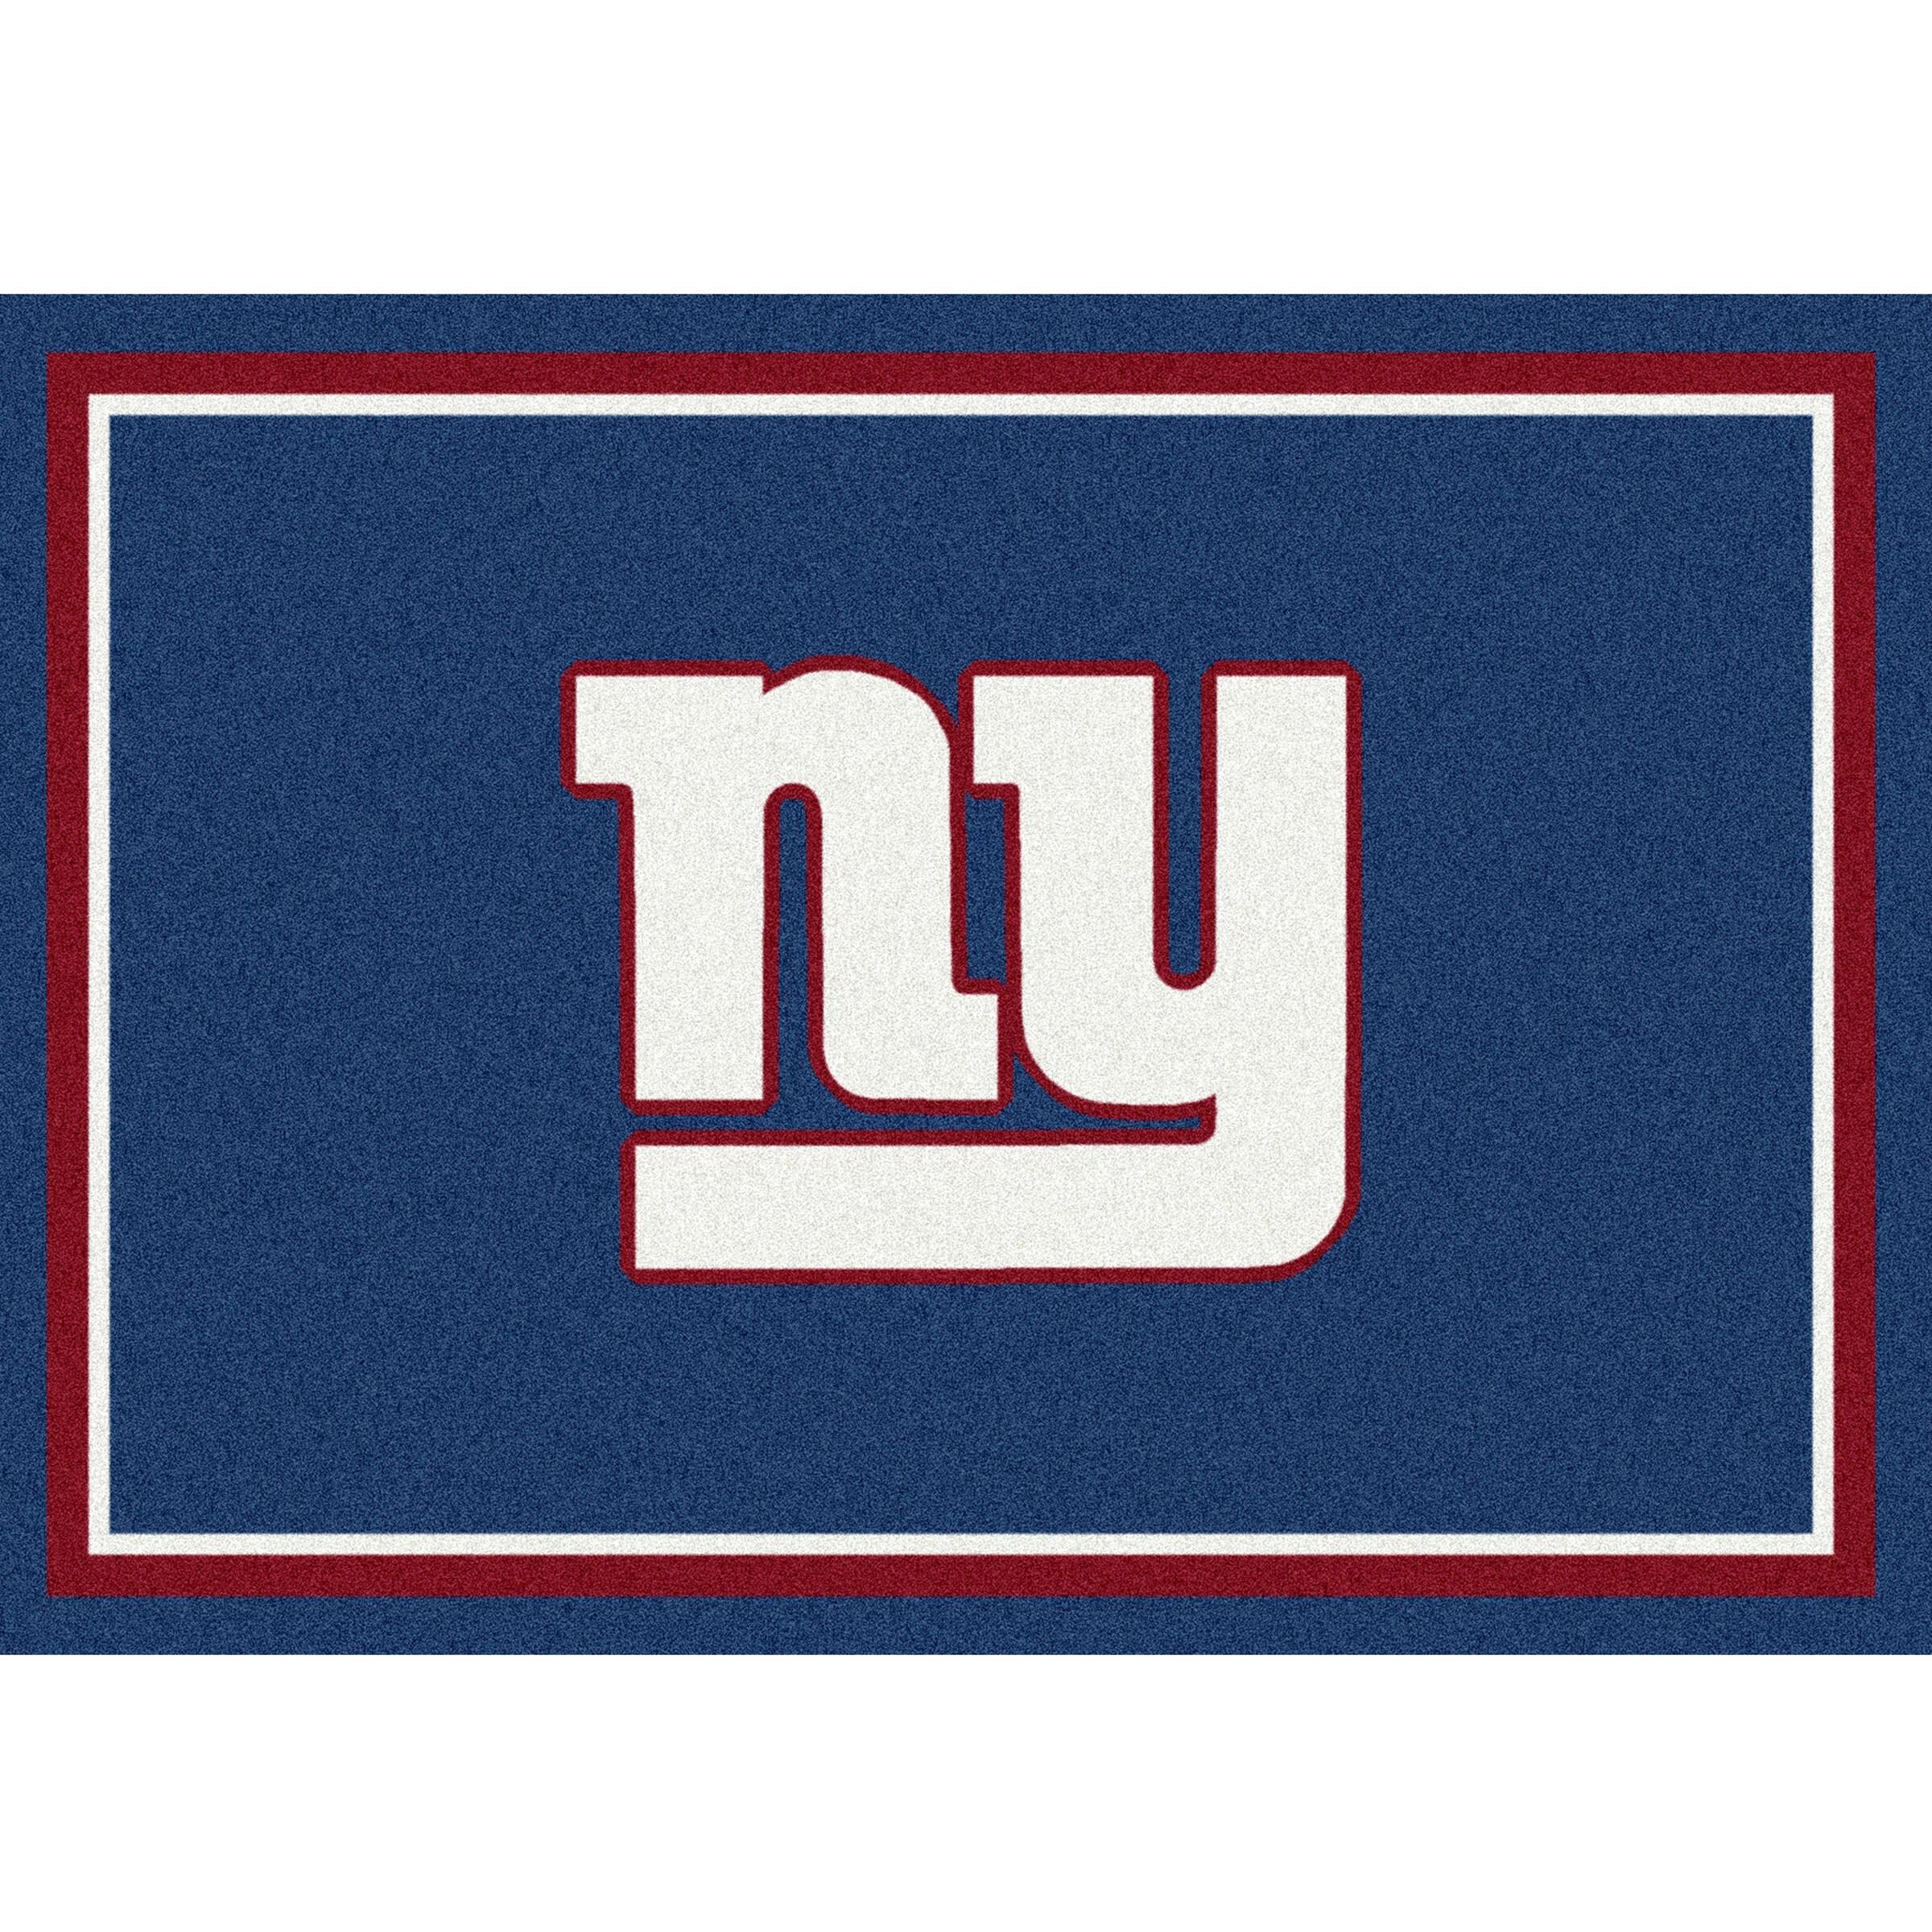 New York Giants Imperial 4' x 6' Spirit Rug